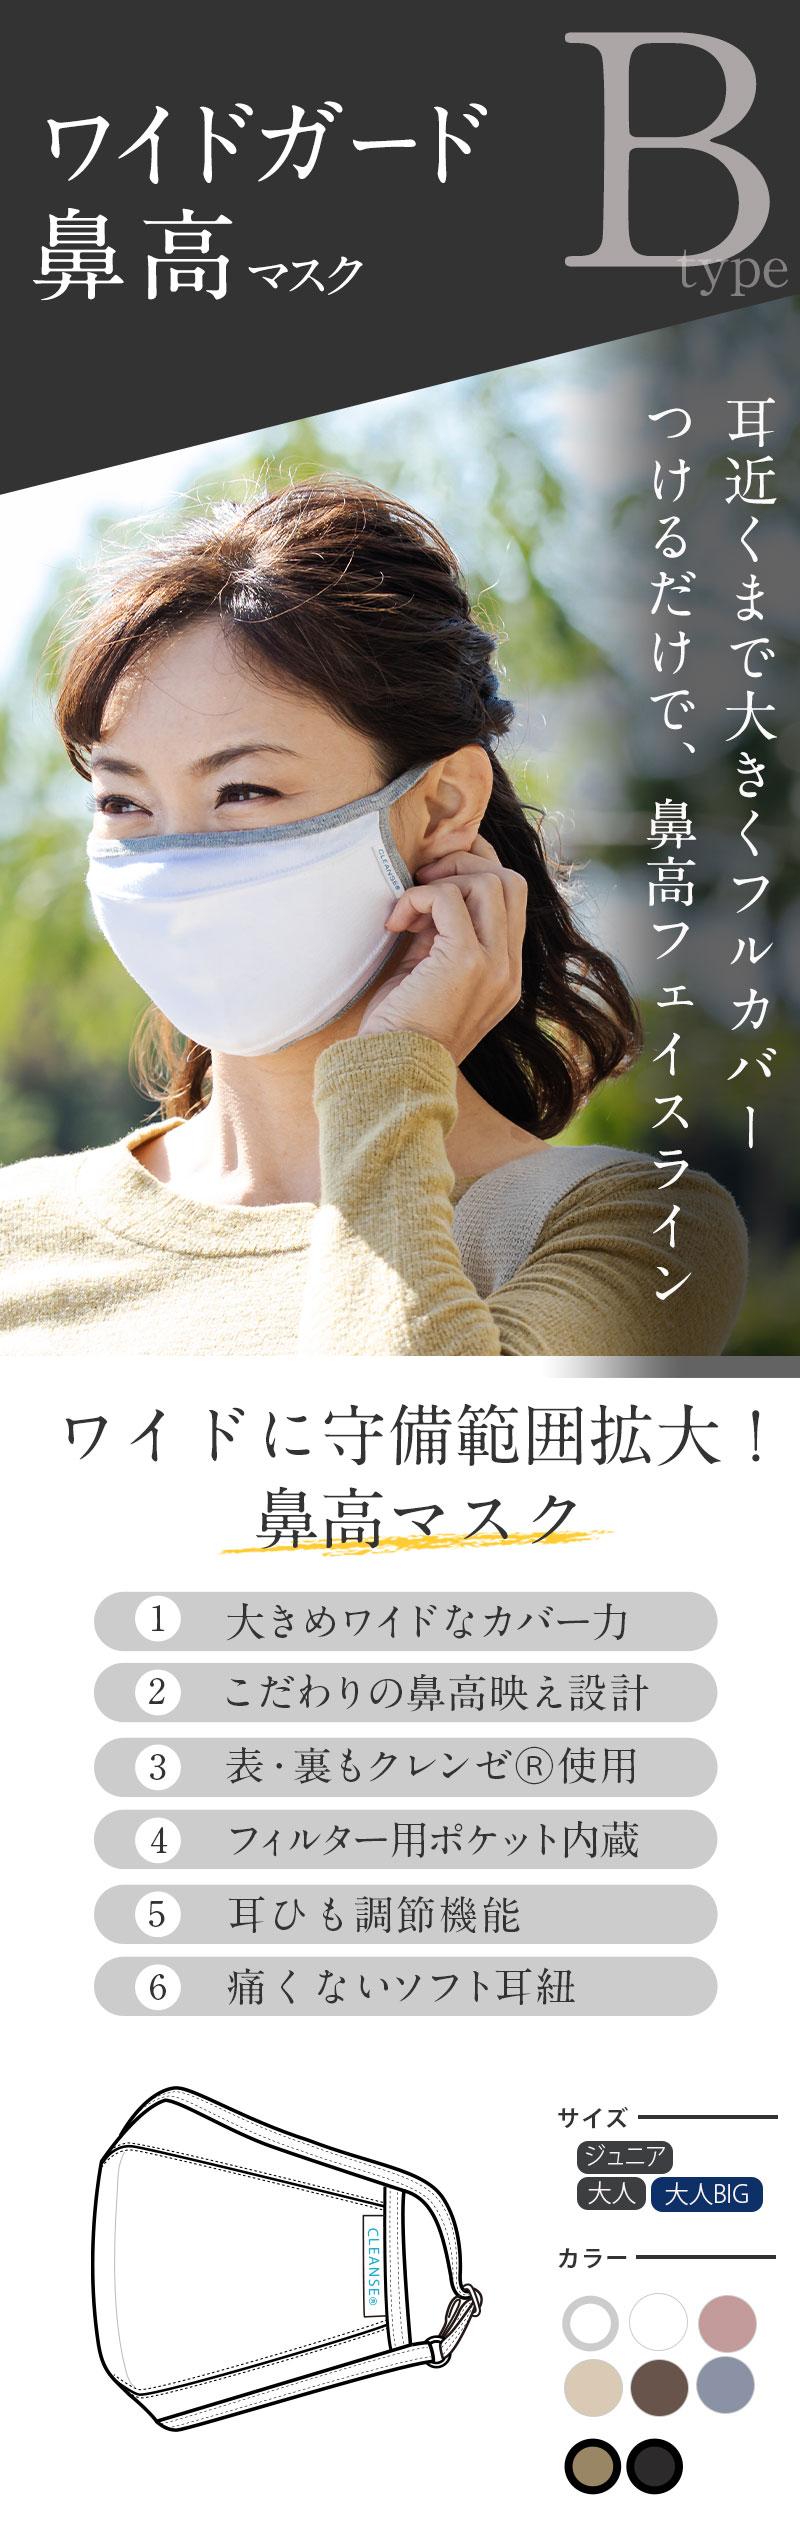 抗菌 抗ウイルス ワイドガード 鼻高マスク